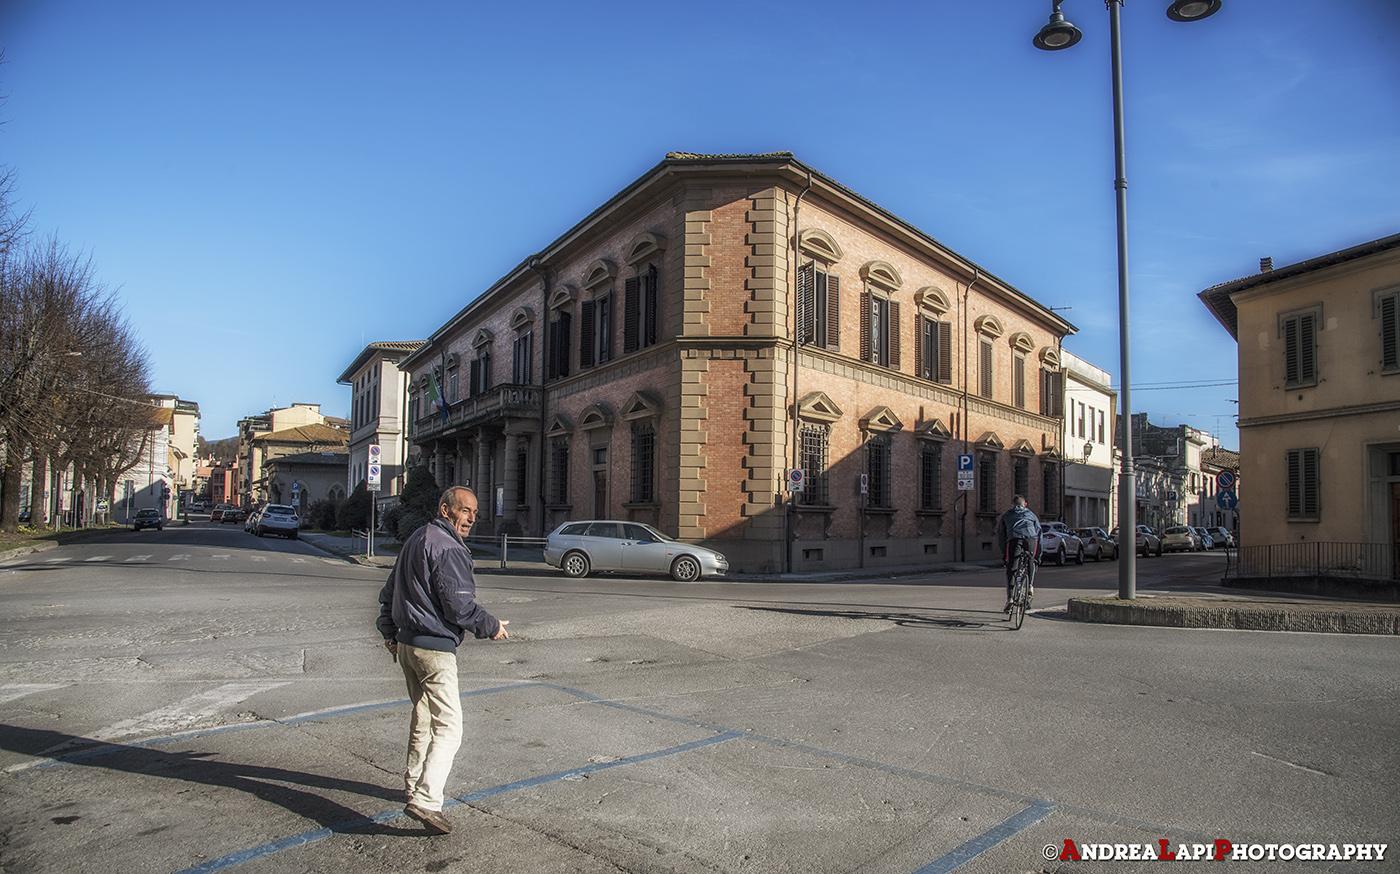 comune-di-borgo-san-lorenzo-01